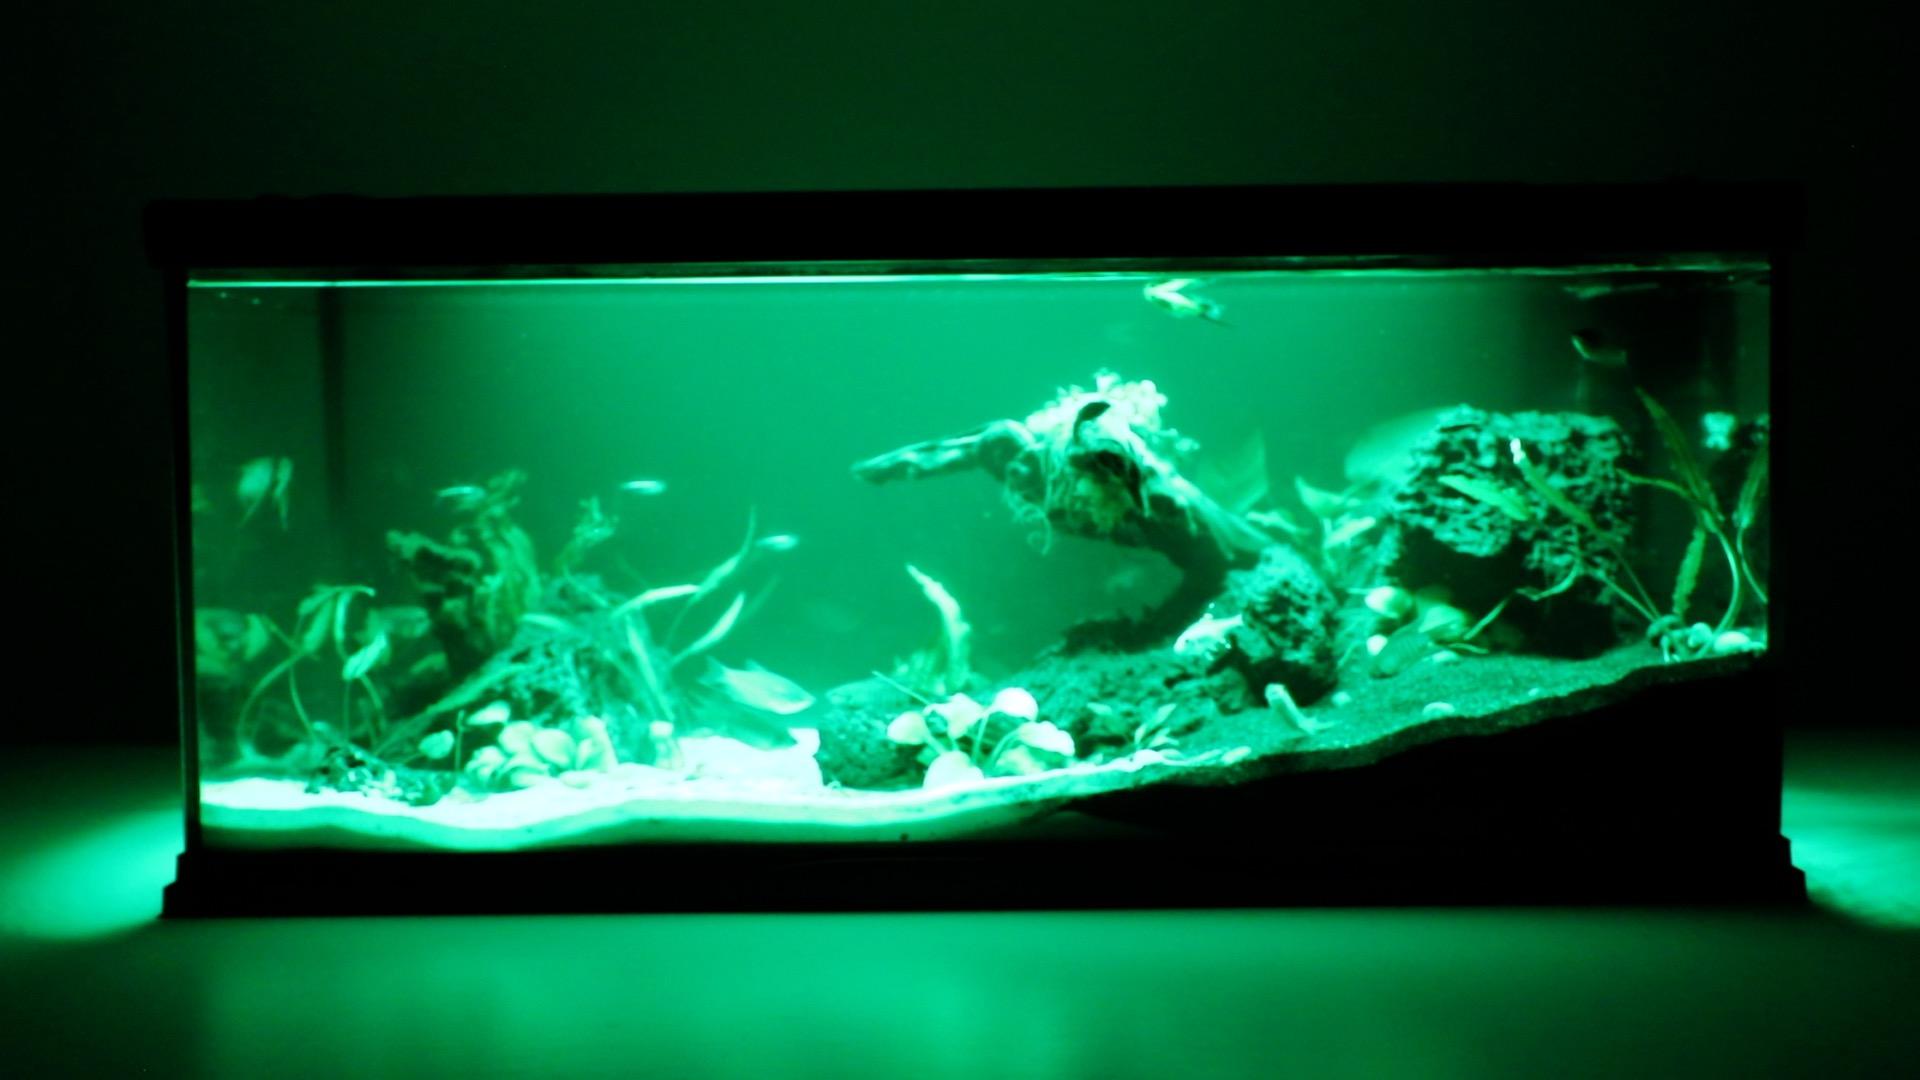 Aqua Effects - Green